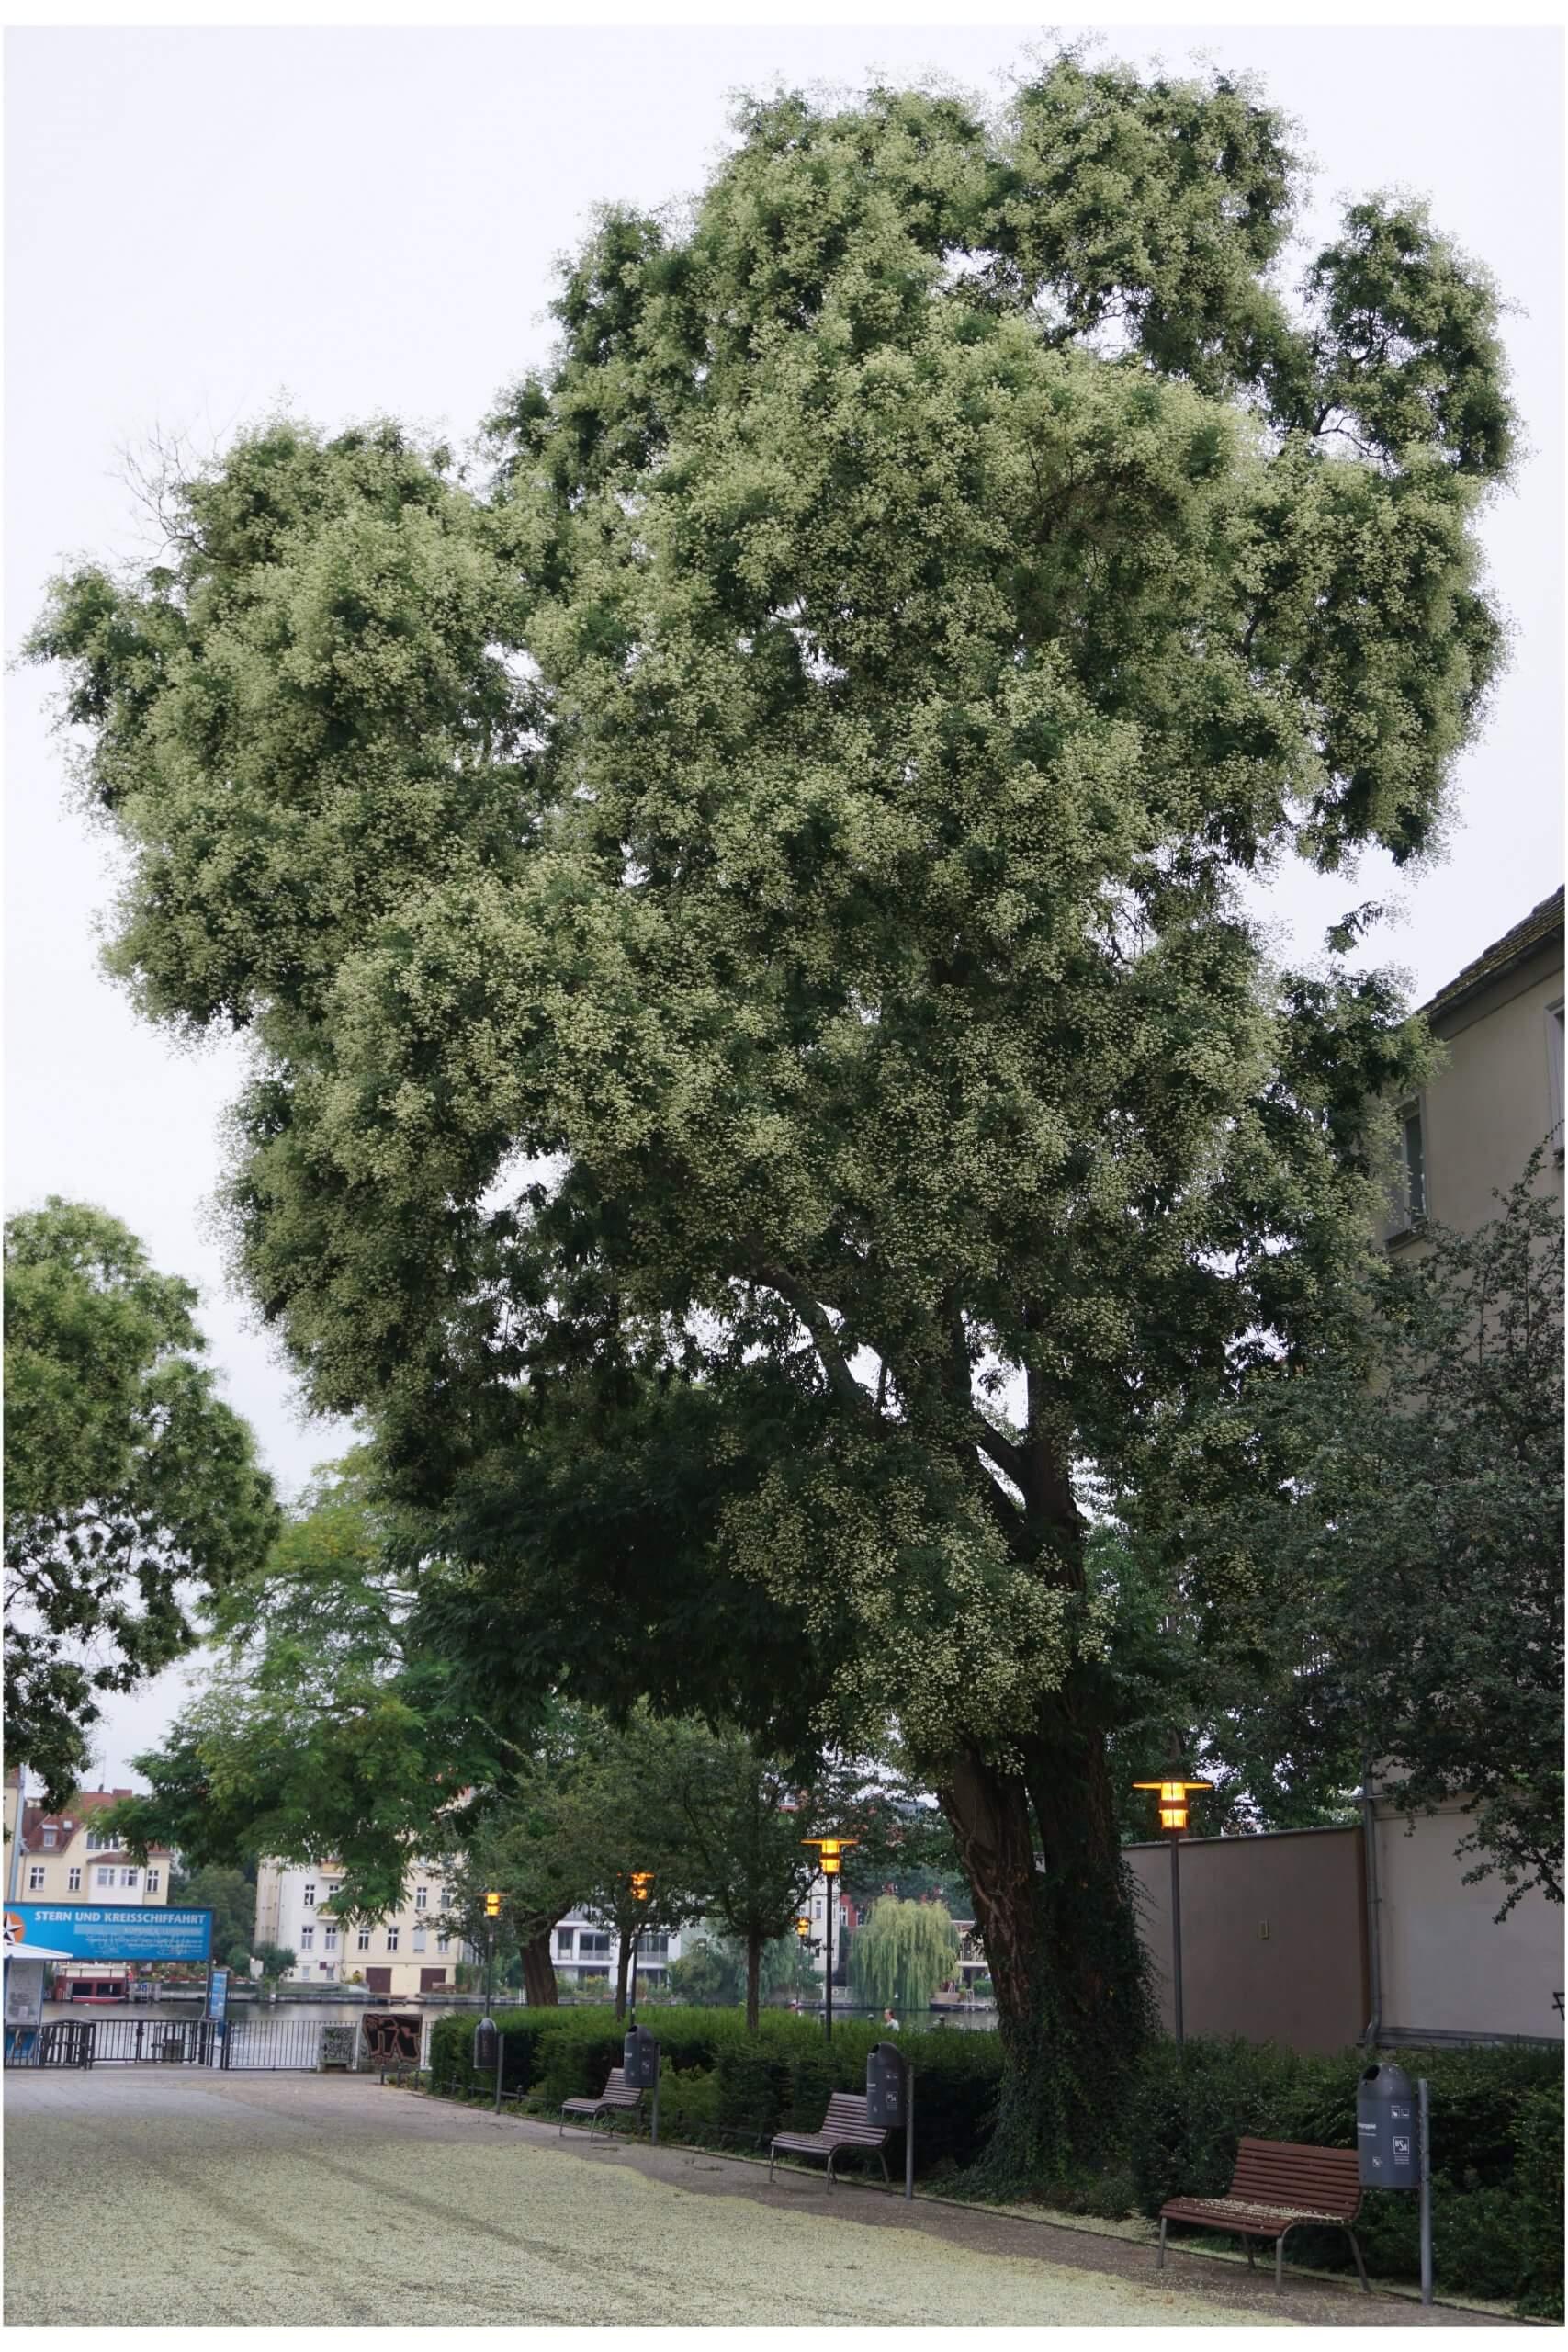 Das Bild zeigt ein großes Exemplar eines blühenden Japanischen Schnurbaums am Luisenhain gegenüber dem Rathaus Köpenick.